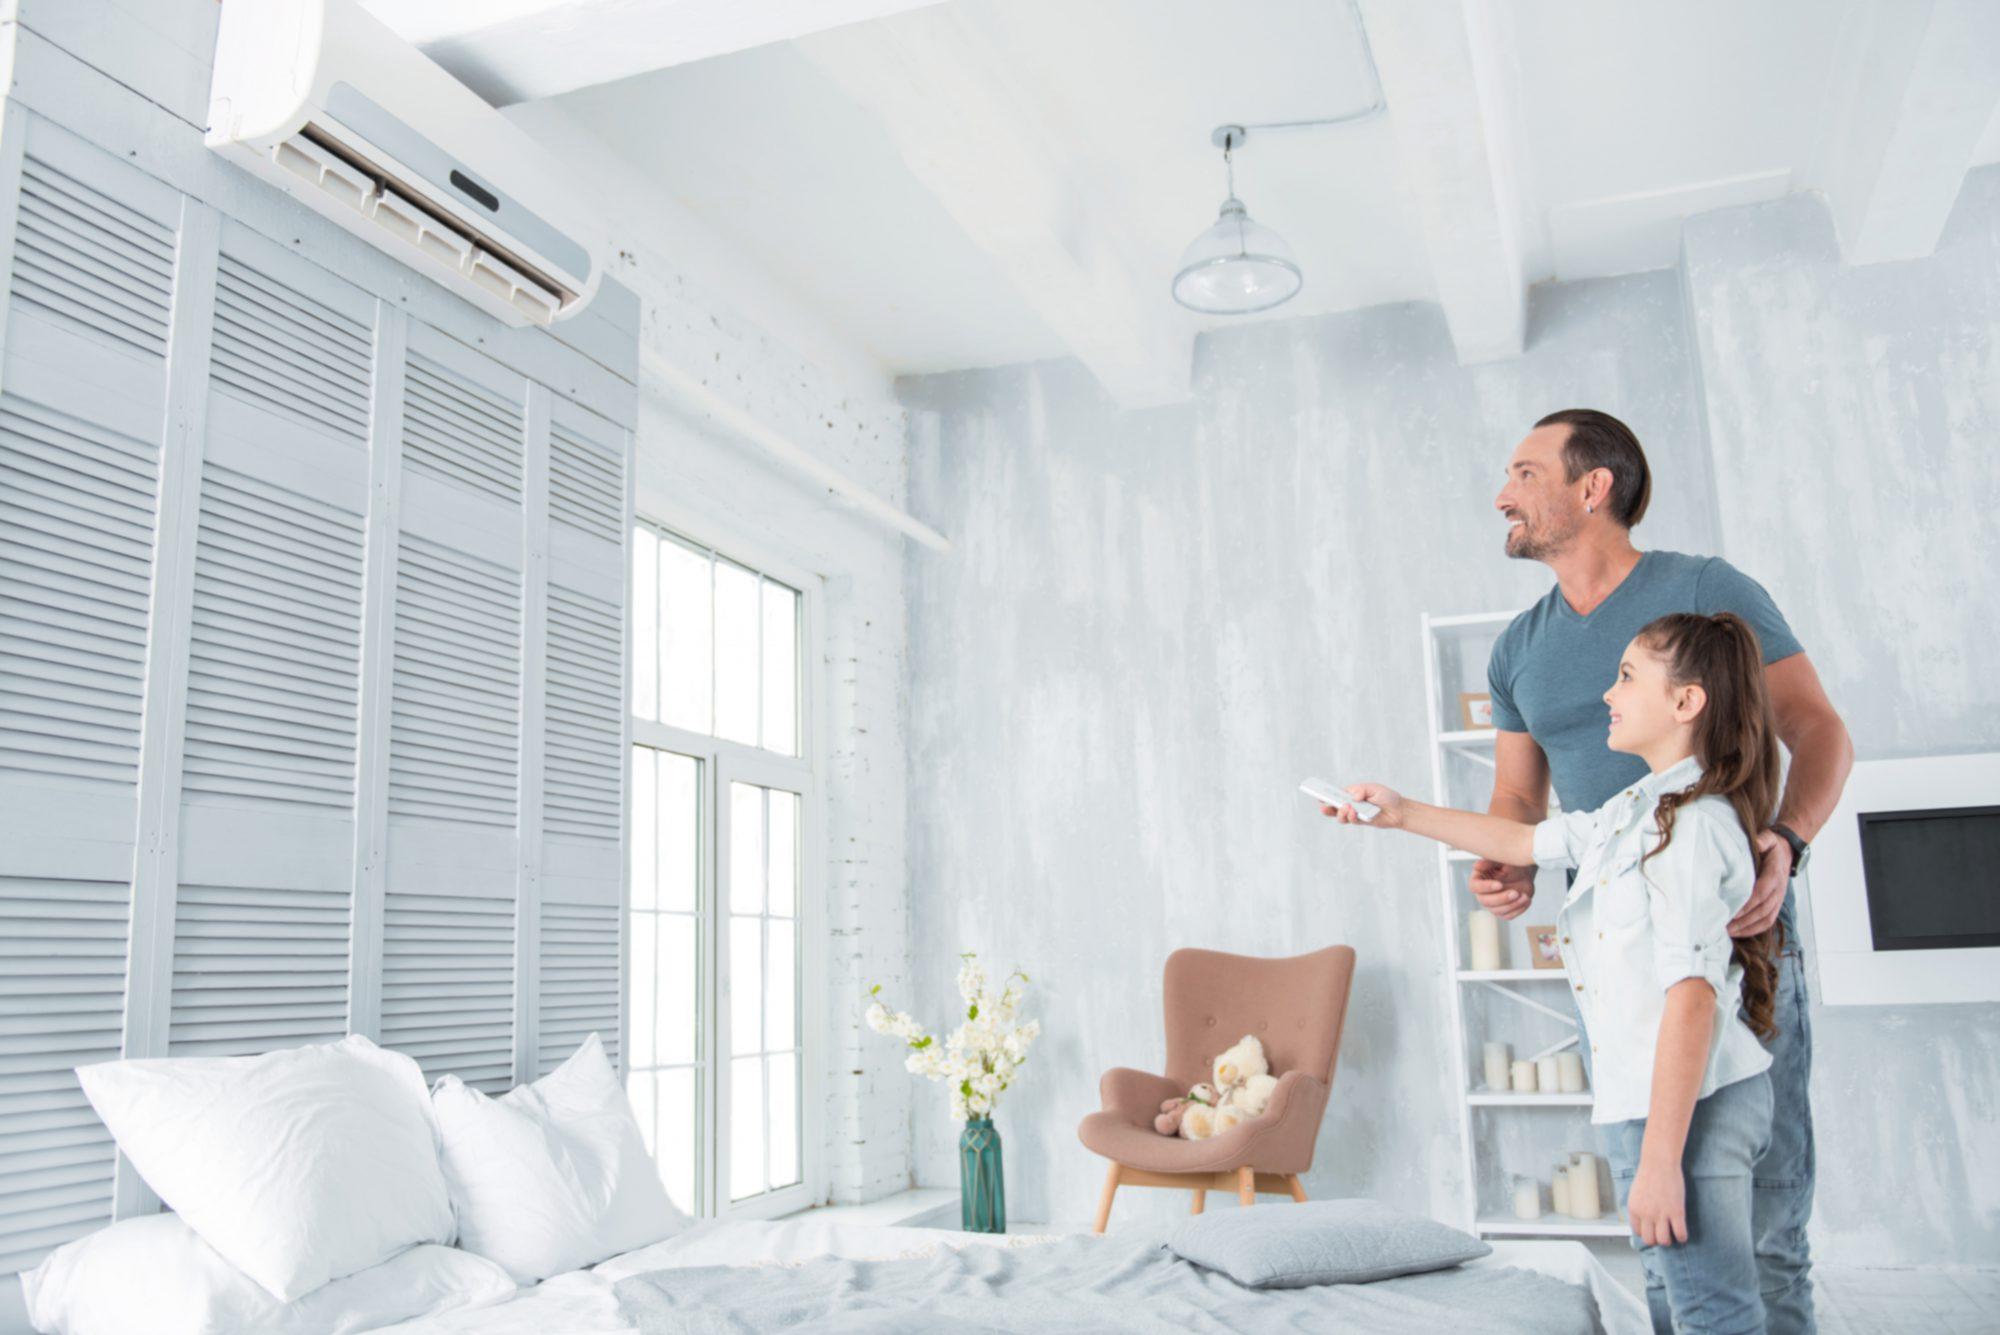 Veja quatro modelos de ar-condicionado quente e frio econômicos